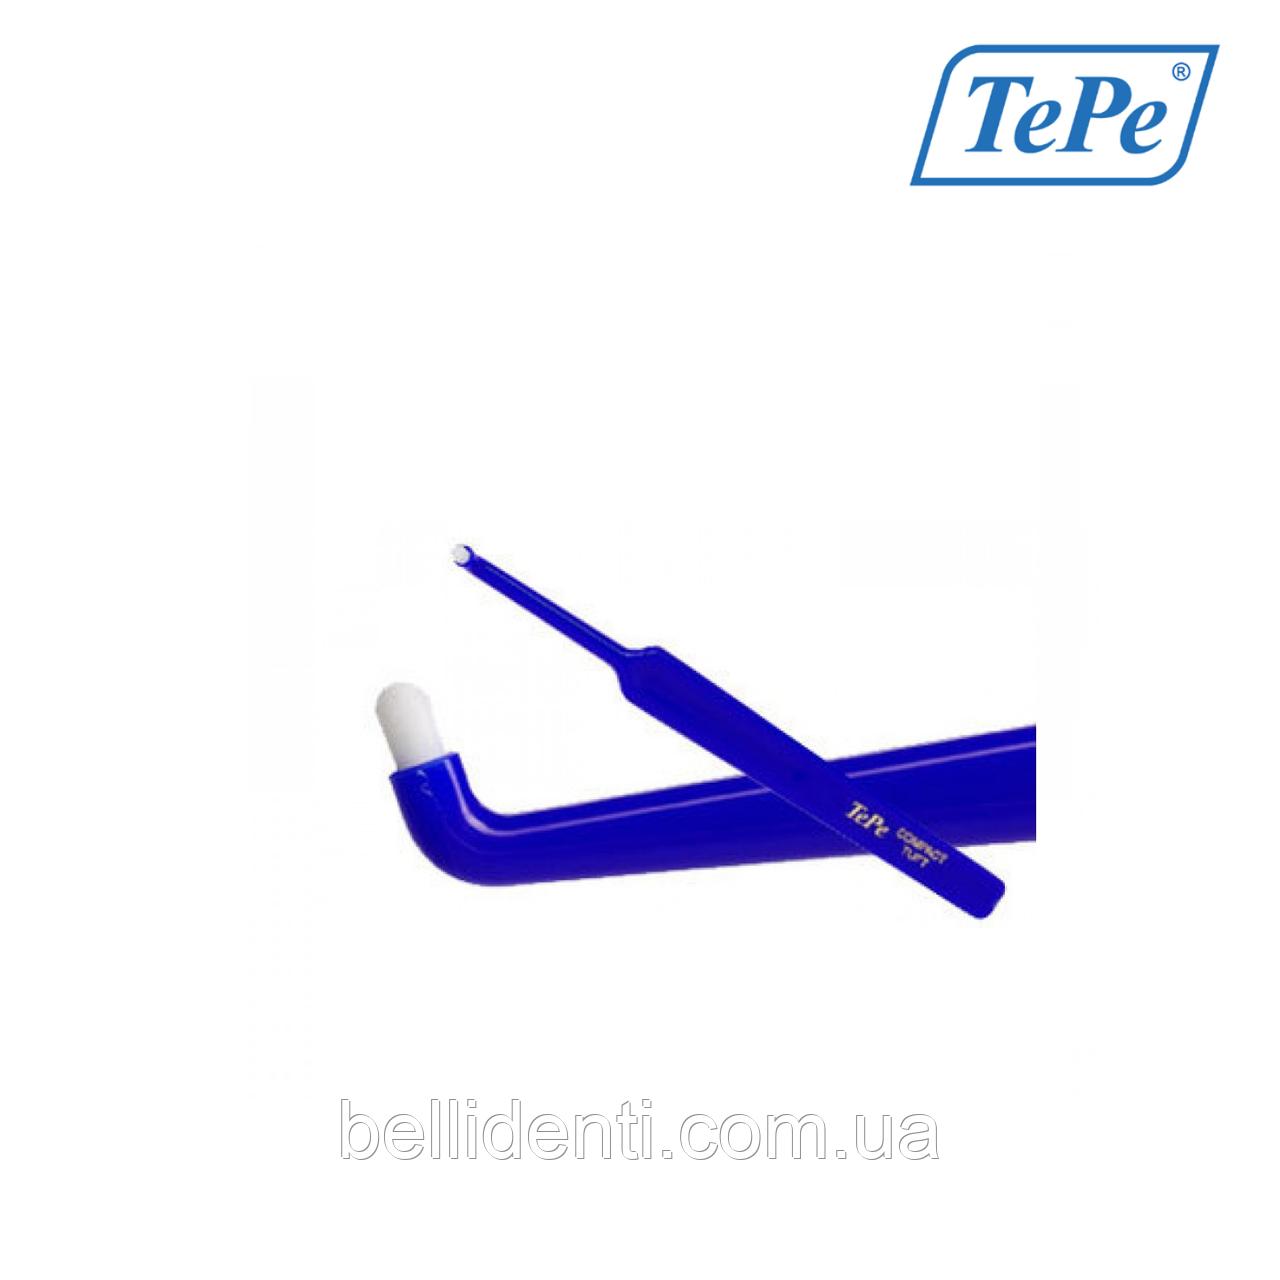 Монопучковая зубная щетка TePe Compact Tuft (в блистере), 1 шт